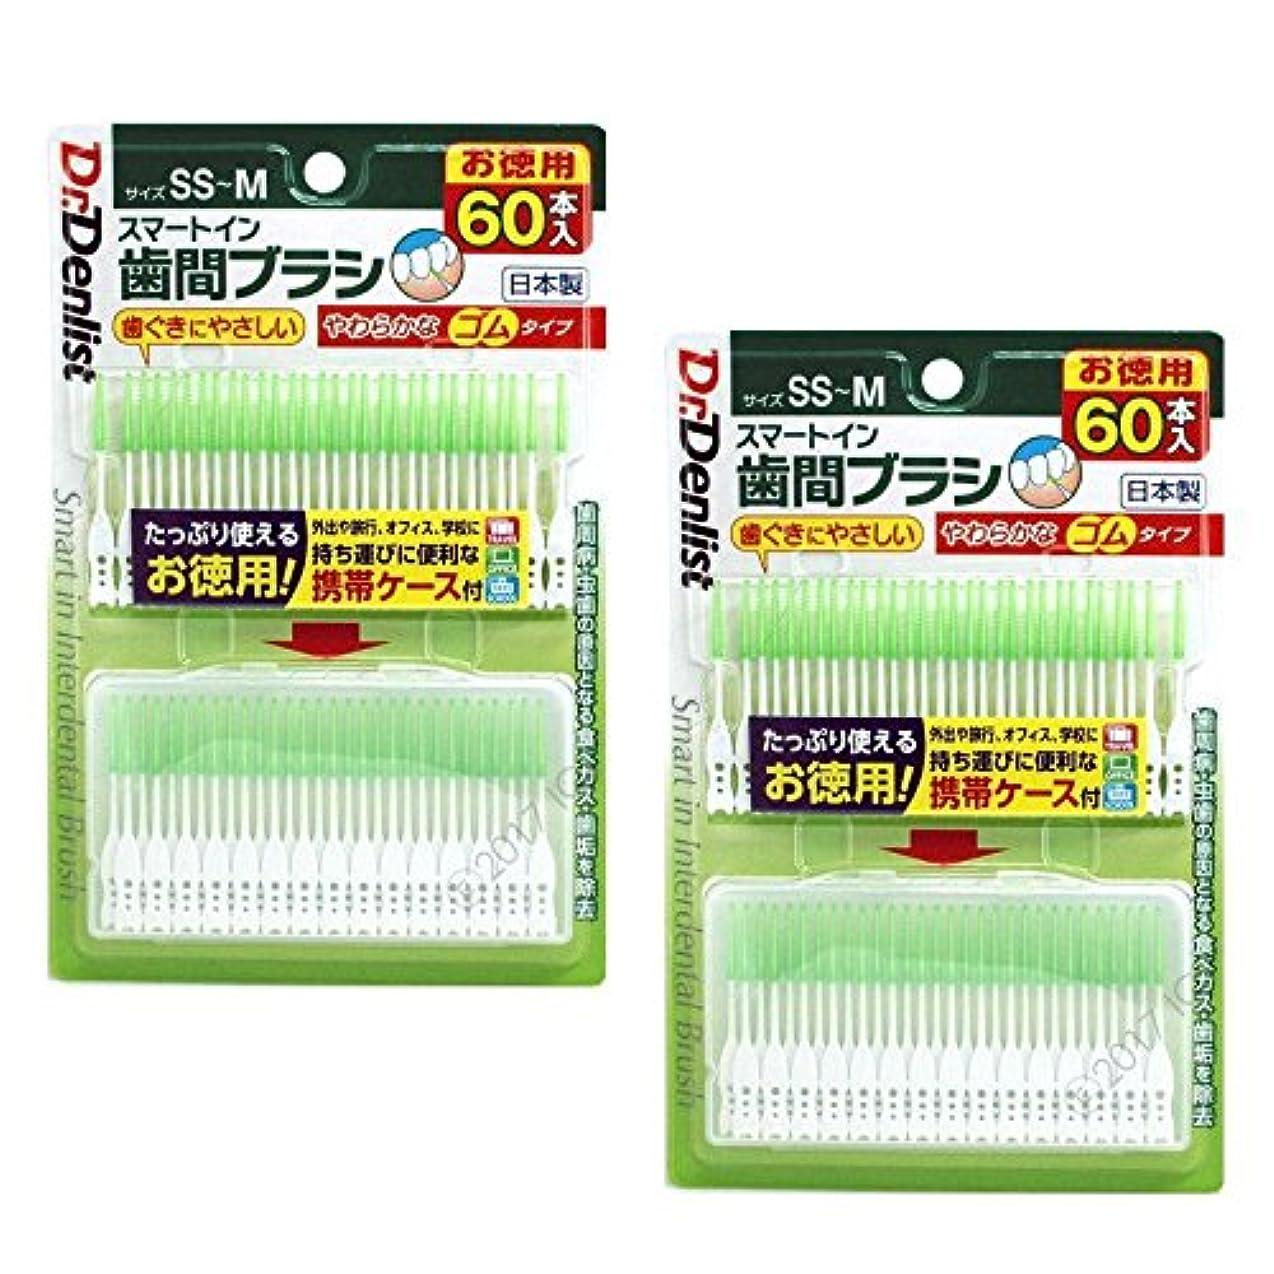 不調和案件写真の歯間ブラシ スマートイン 60本×2個(計120本) お徳用 やわらかなゴムタイプ